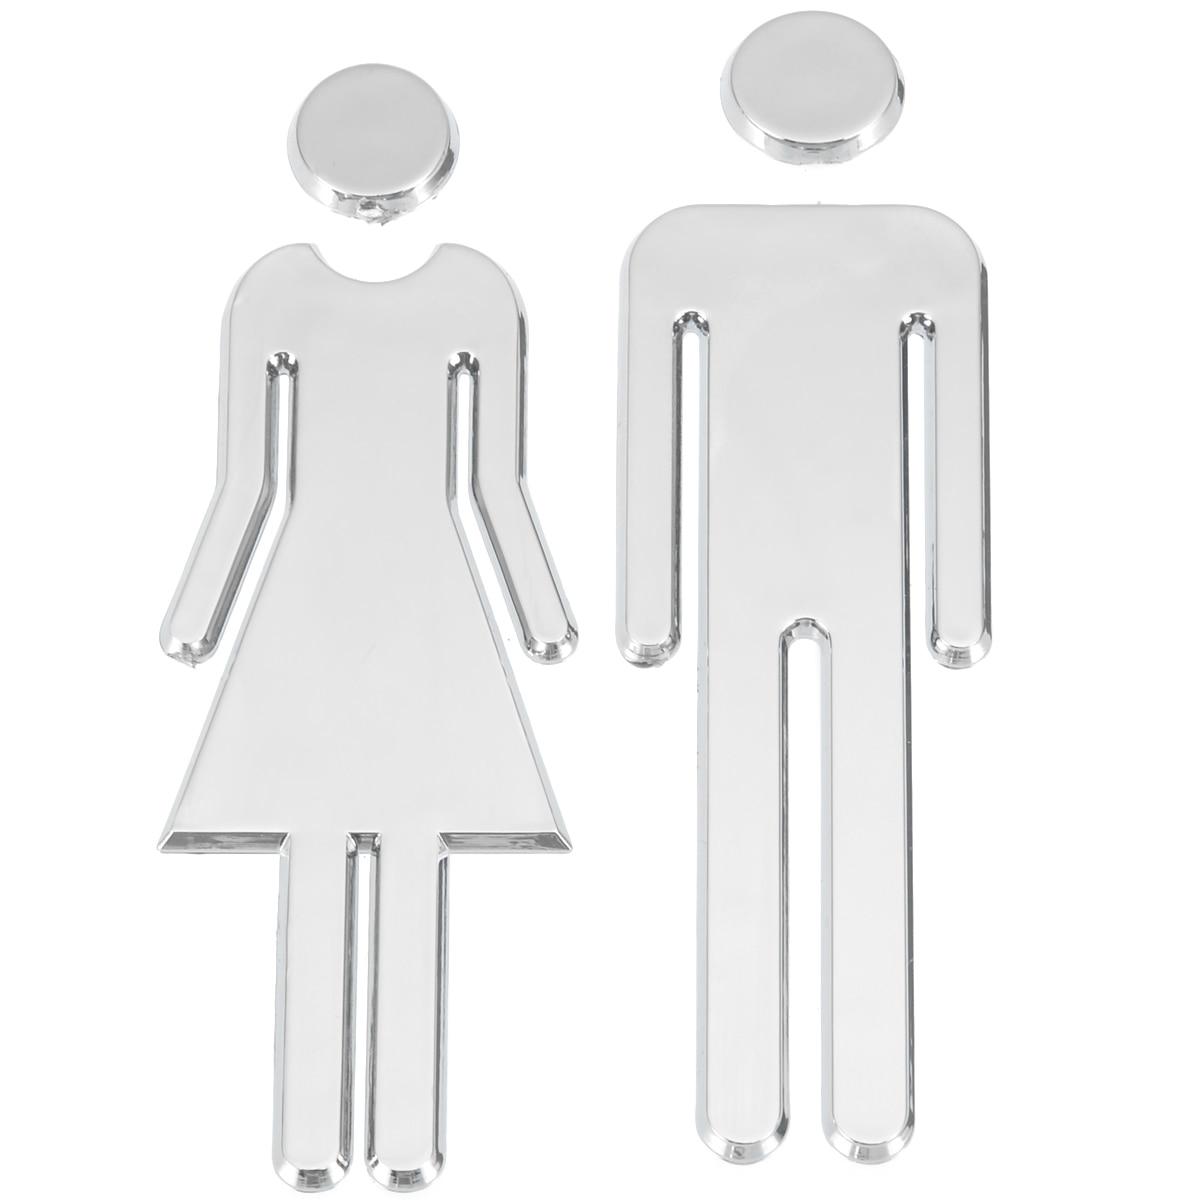 Zelfklevende MANNEN WOMEN WC Deurbord DIY Spiegel Heer Dames Toilet - Huisdecoratie